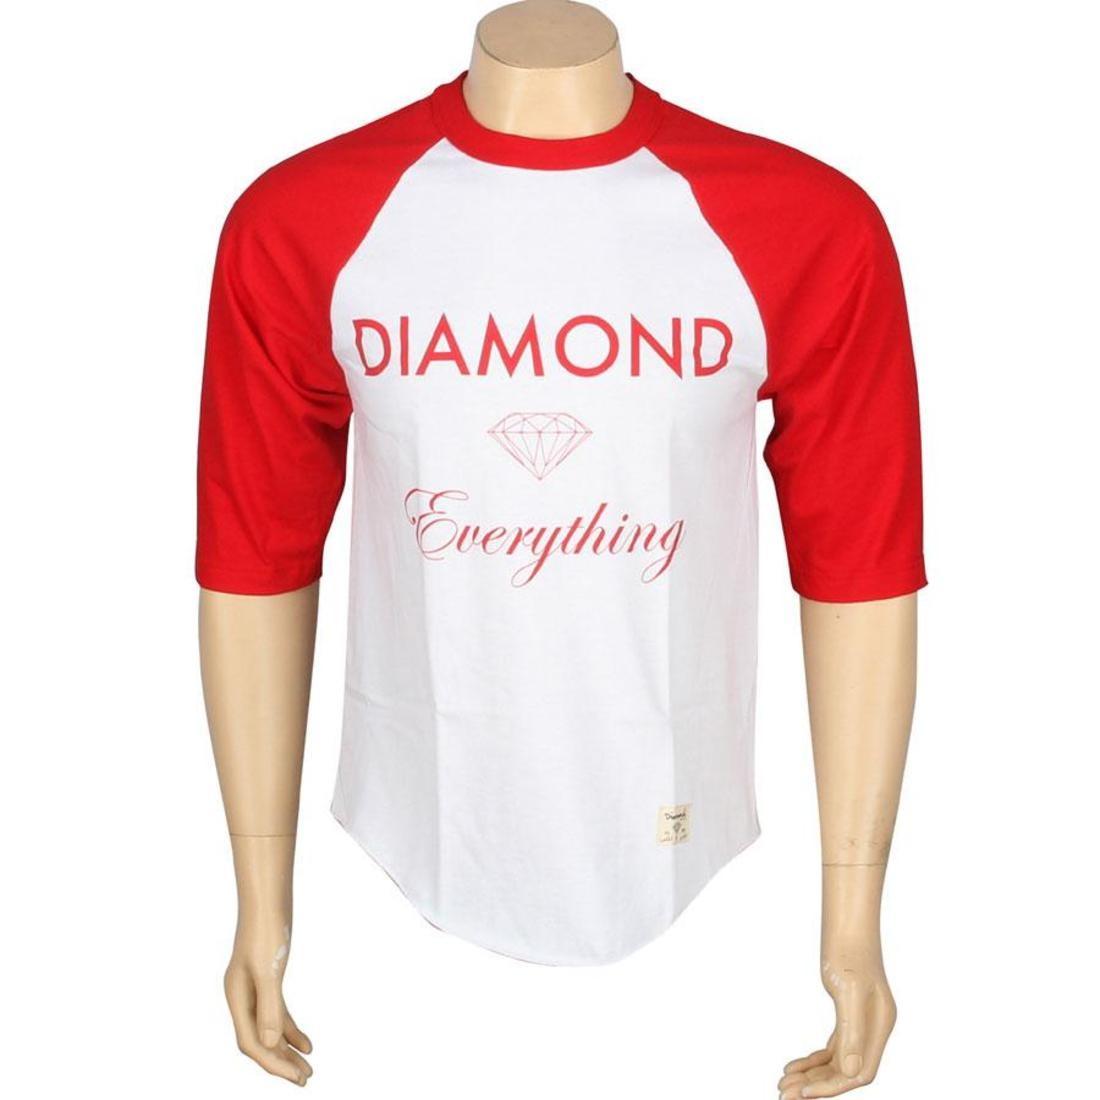 ダイヤモンドサプライ DIAMOND SUPPLY CO ダイヤモンド サプライ ラグラン Tシャツ 赤 レッド 白 ホワイト 【 SUPPLY RAGLAN RED WHITE DIAMOND CO EVERYTHING TEE 】 メンズファッション トップス Tシャツ カ